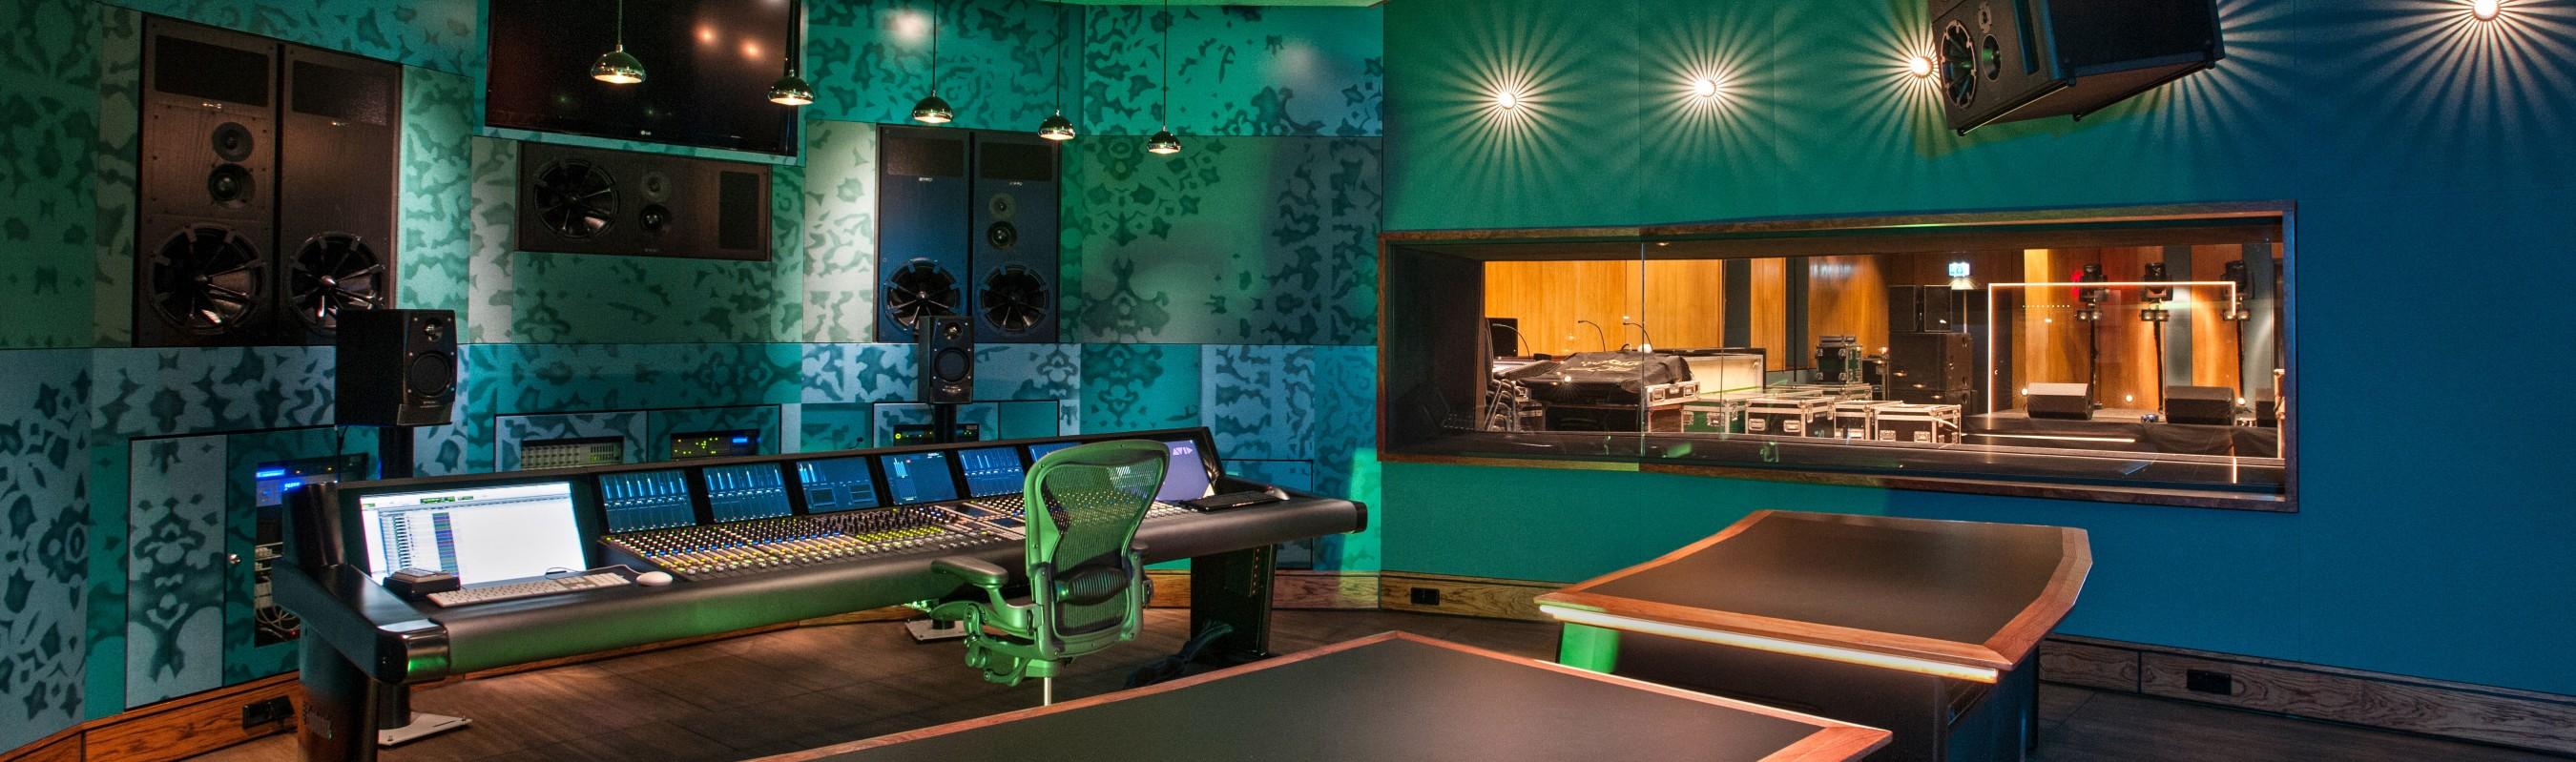 Rock'n Rolle Wijn presentatie bij de Wisseloord Studio's in Hilversum.